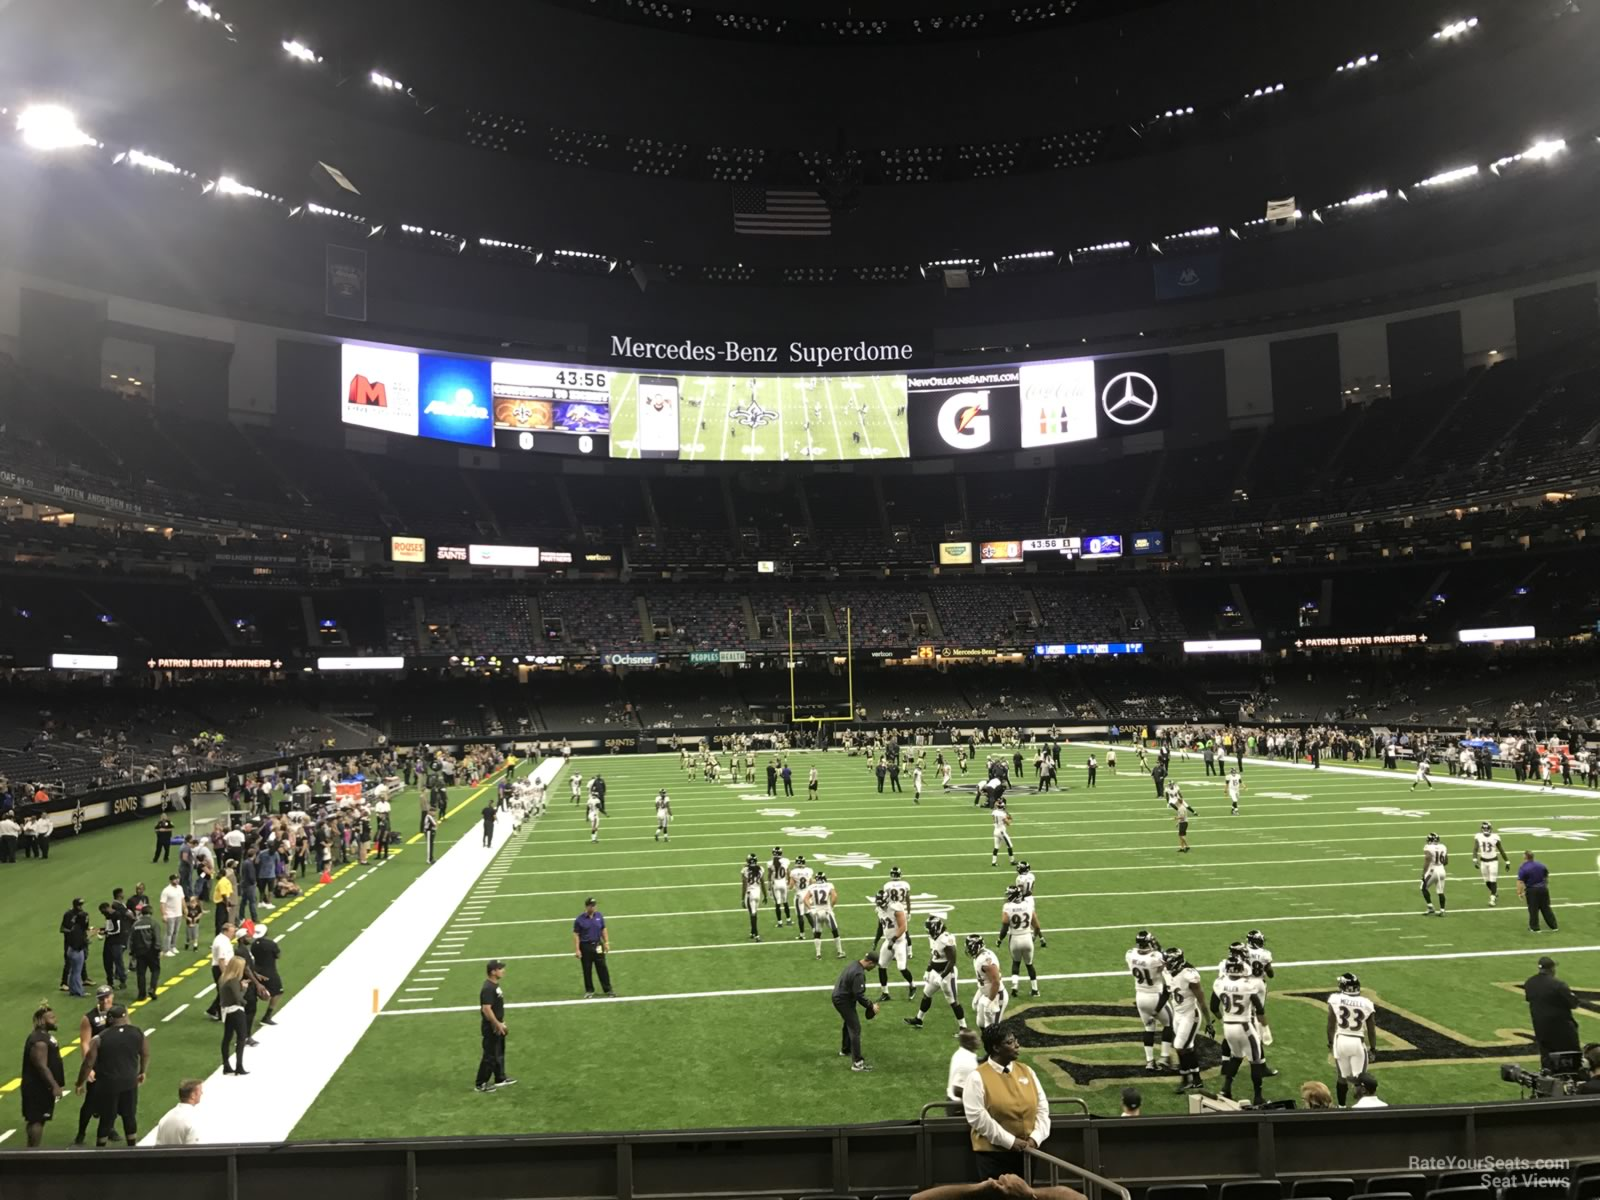 88c7d9e0 Superdome Section 102 - New Orleans Saints - RateYourSeats.com